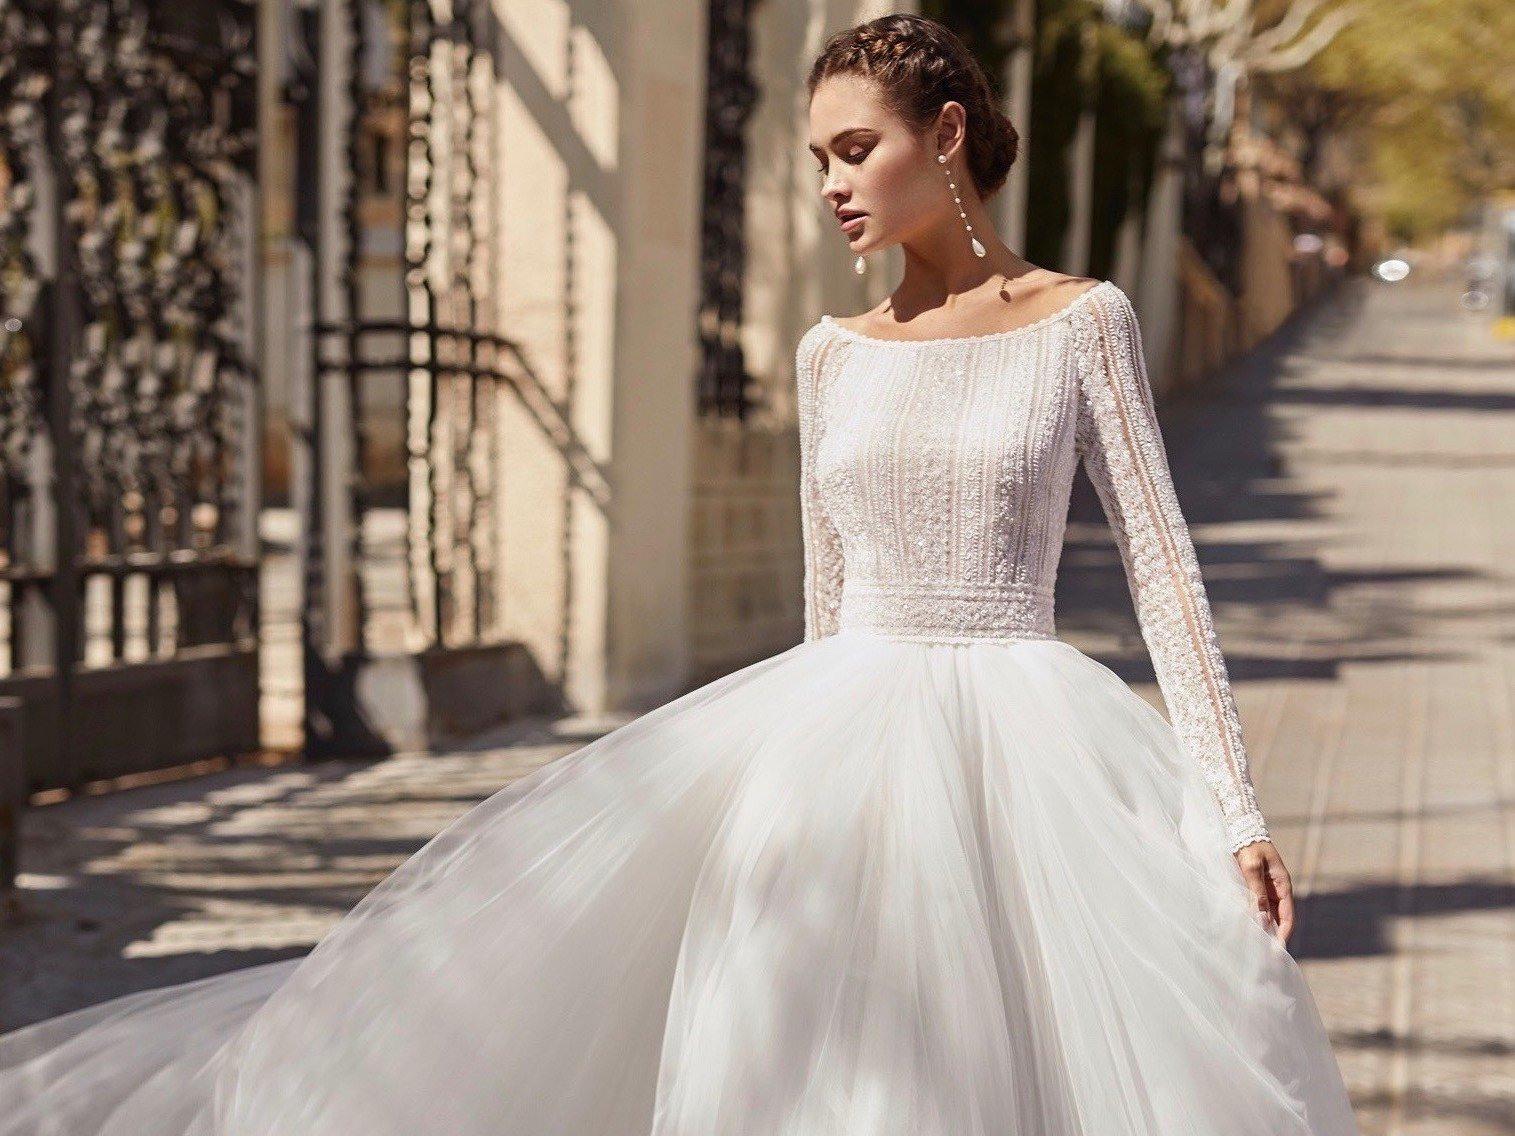 Brautkleid Nach Der Hochzeit: 10 Tipps Für Die Verwendung